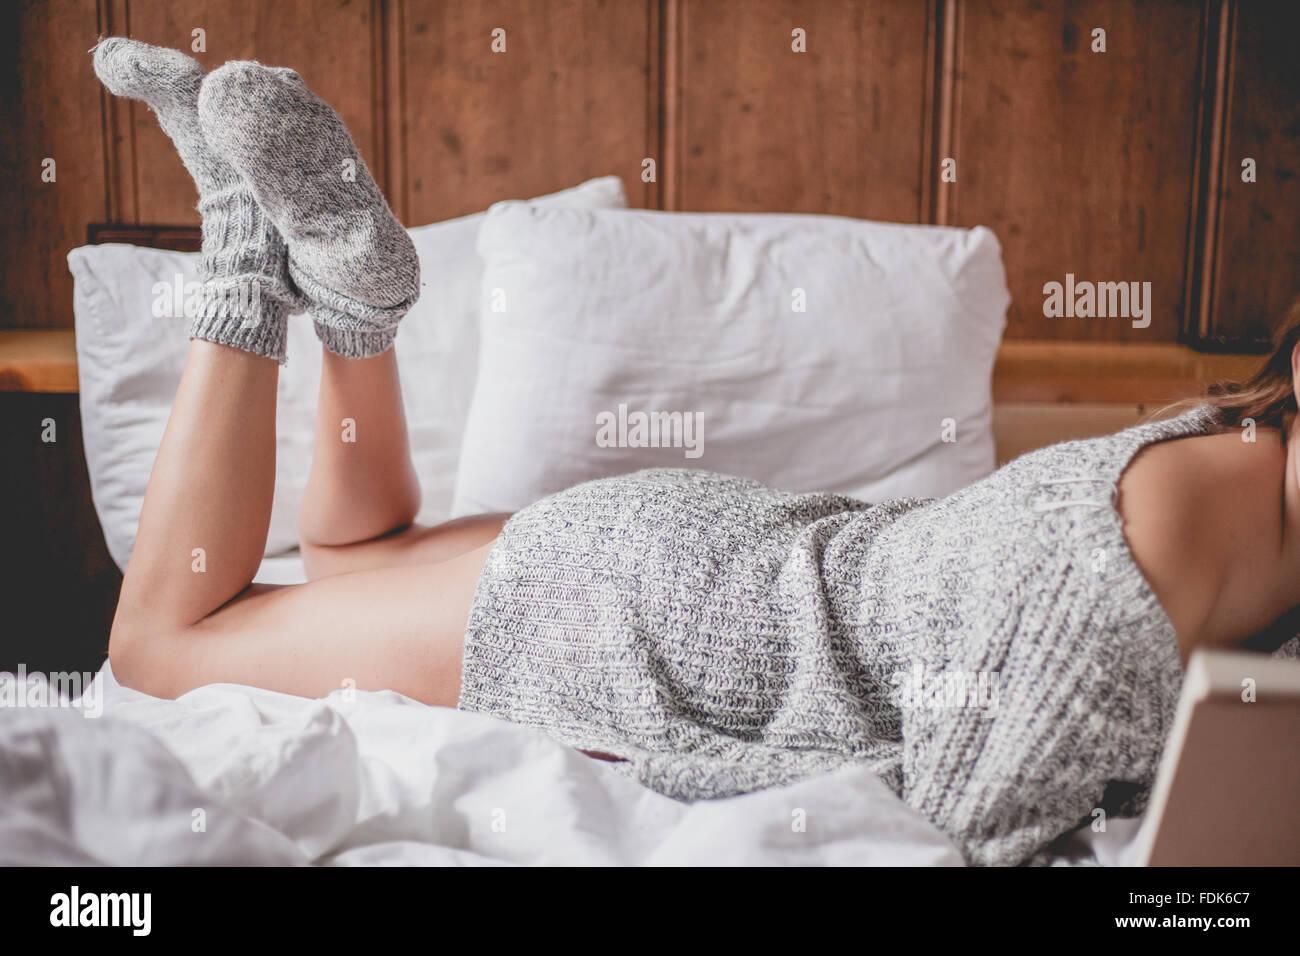 Vue latérale d'une femme allongée sur un lit un livre de lecture Banque D'Images